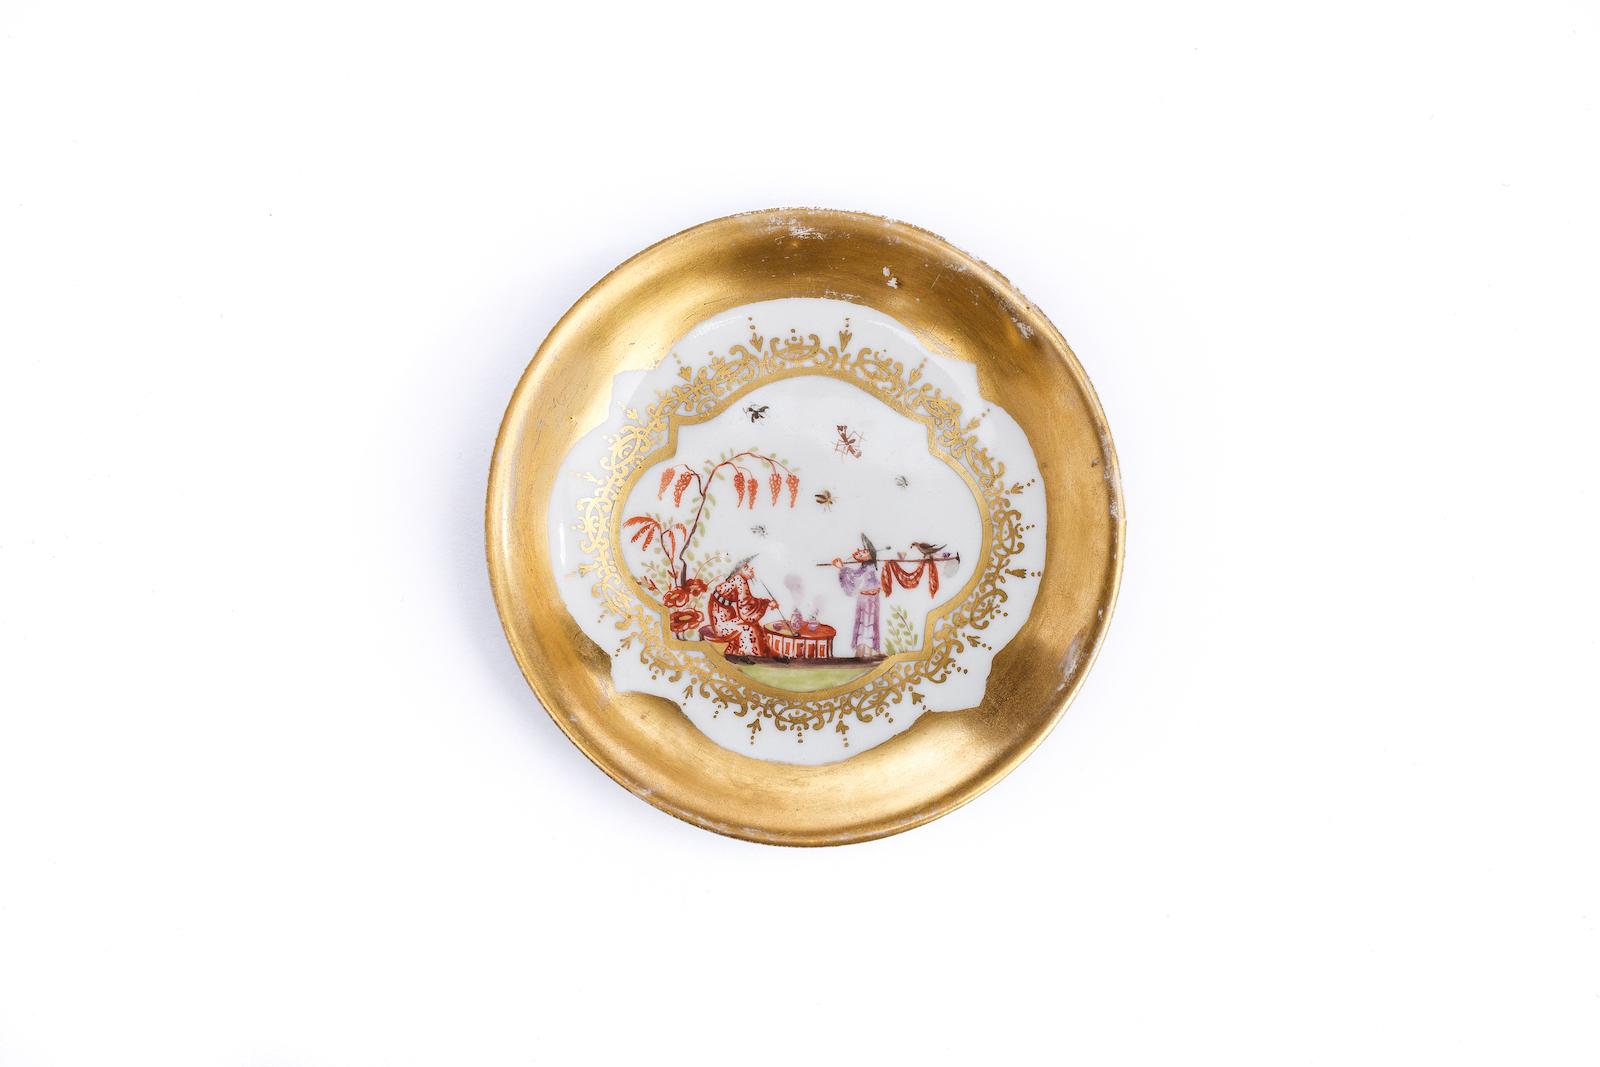 #25 Kleine Unterschale, Meissen 1730/35 | A plate with a Image